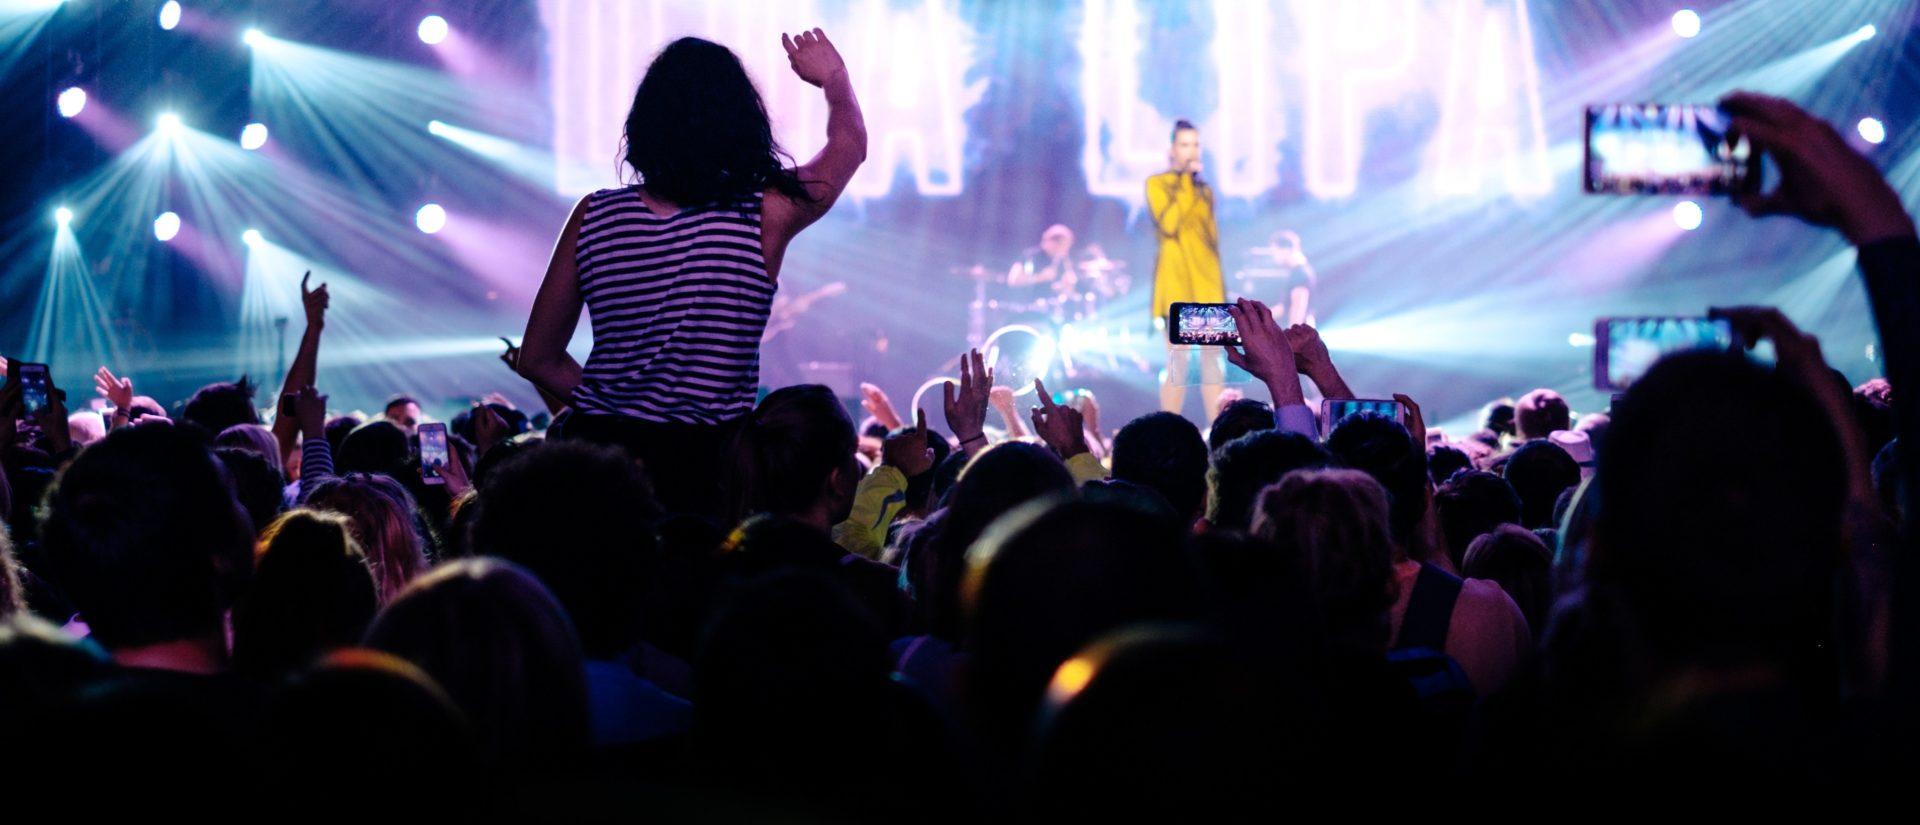 concierto-millennial-disfrutar-musica-recurso-bbva